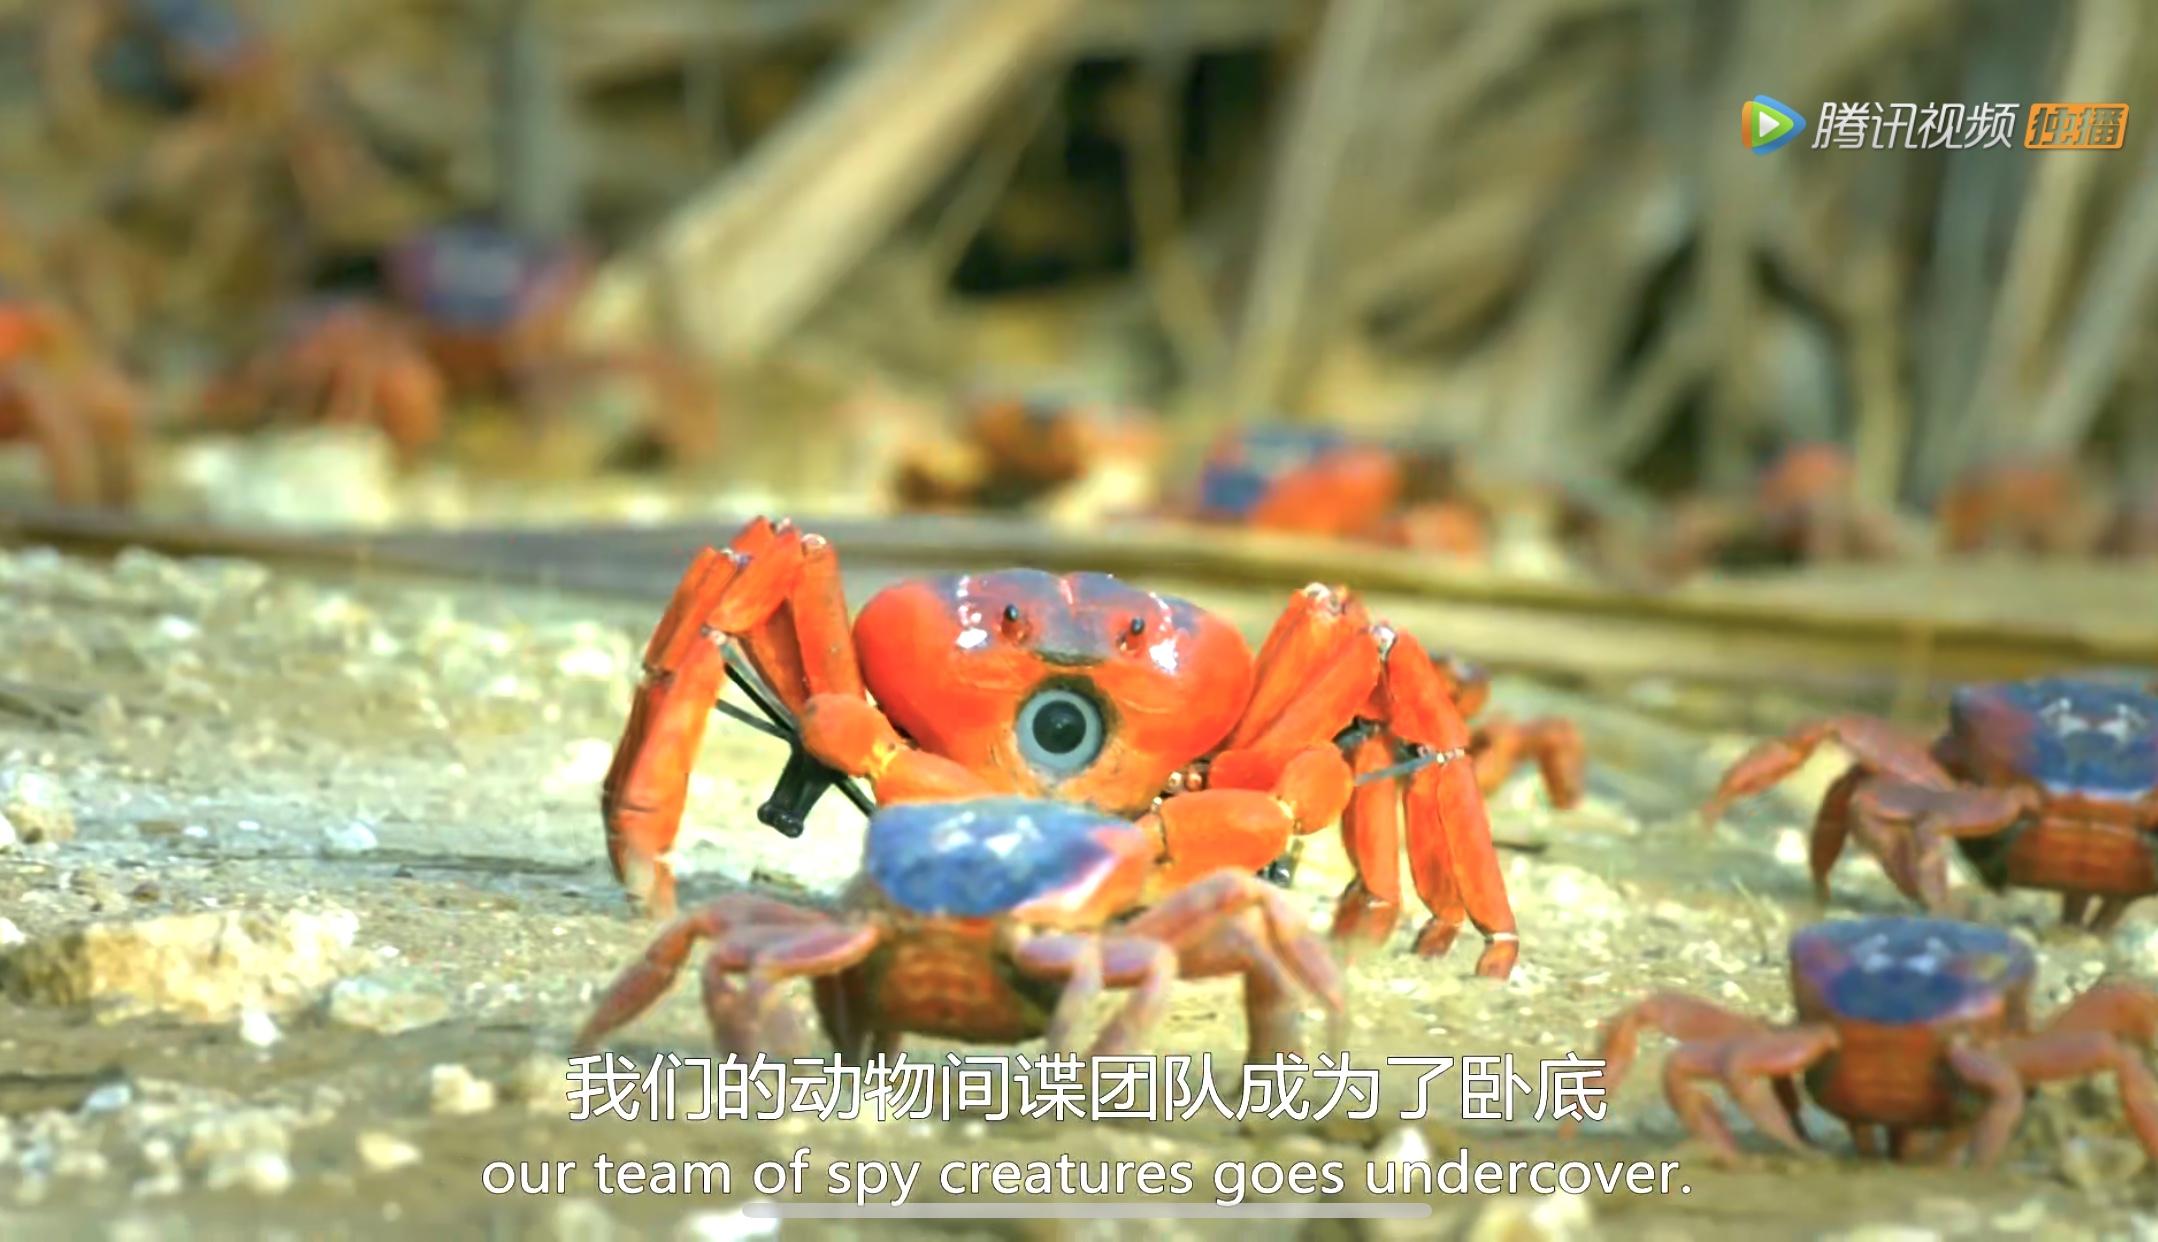 螃蟹特工差点被肢解